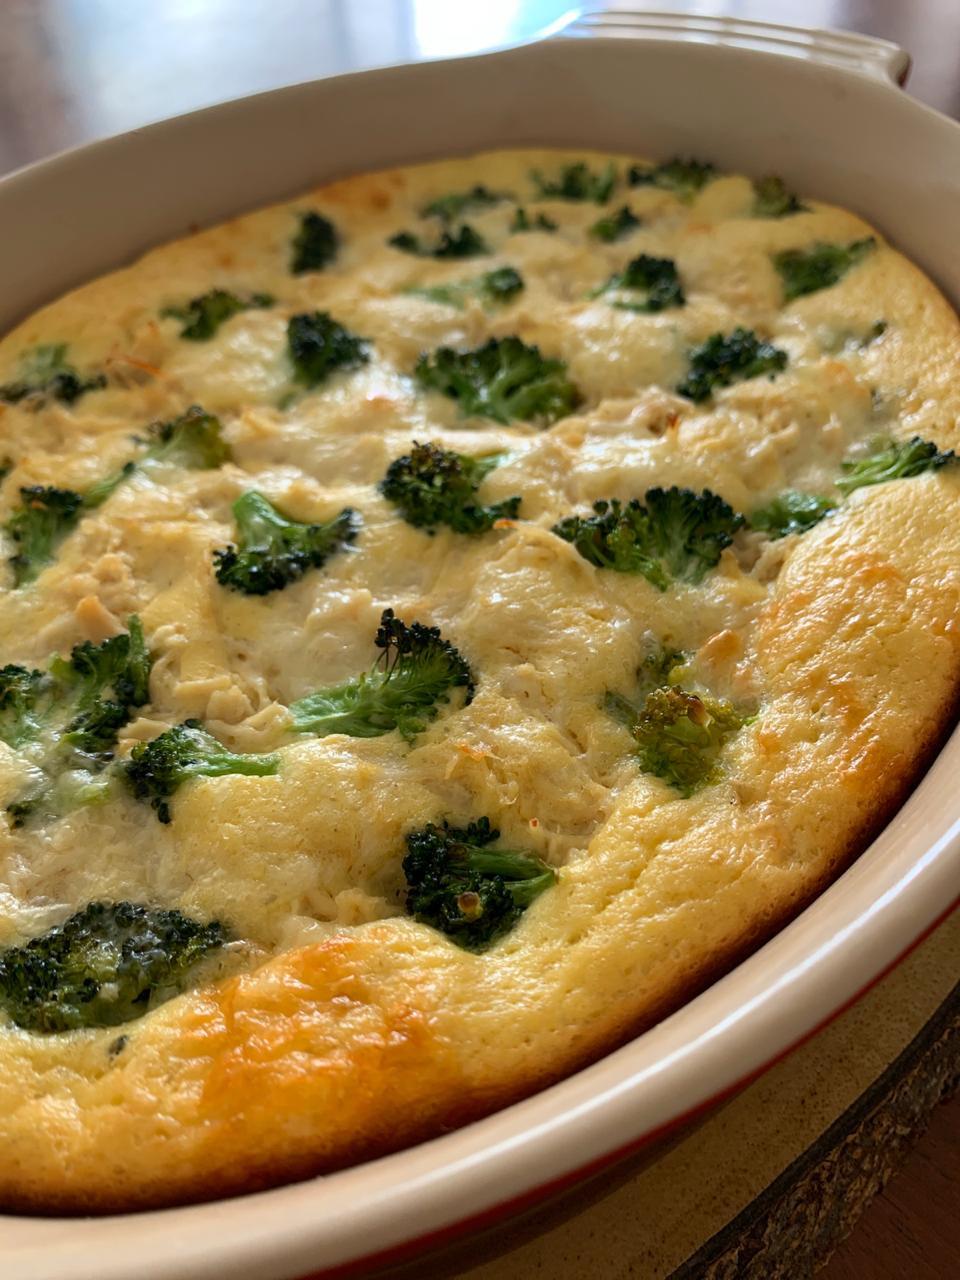 Torta lowcarb de frango, queijo e brócolis